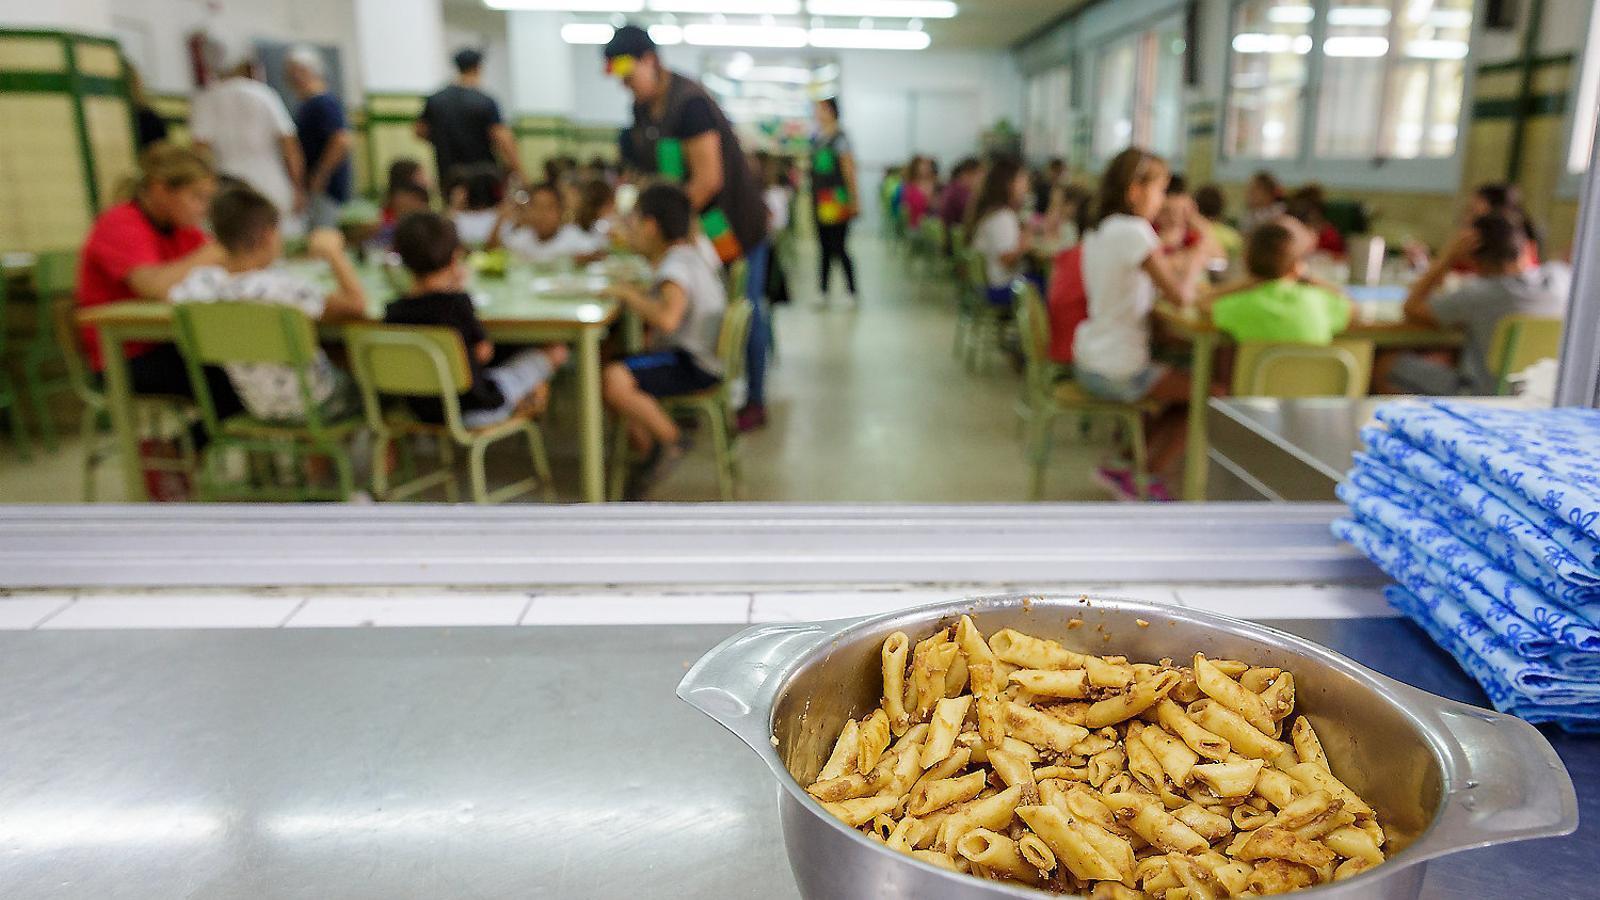 El decret de la discòrdia: què passa als menjadors escolars?